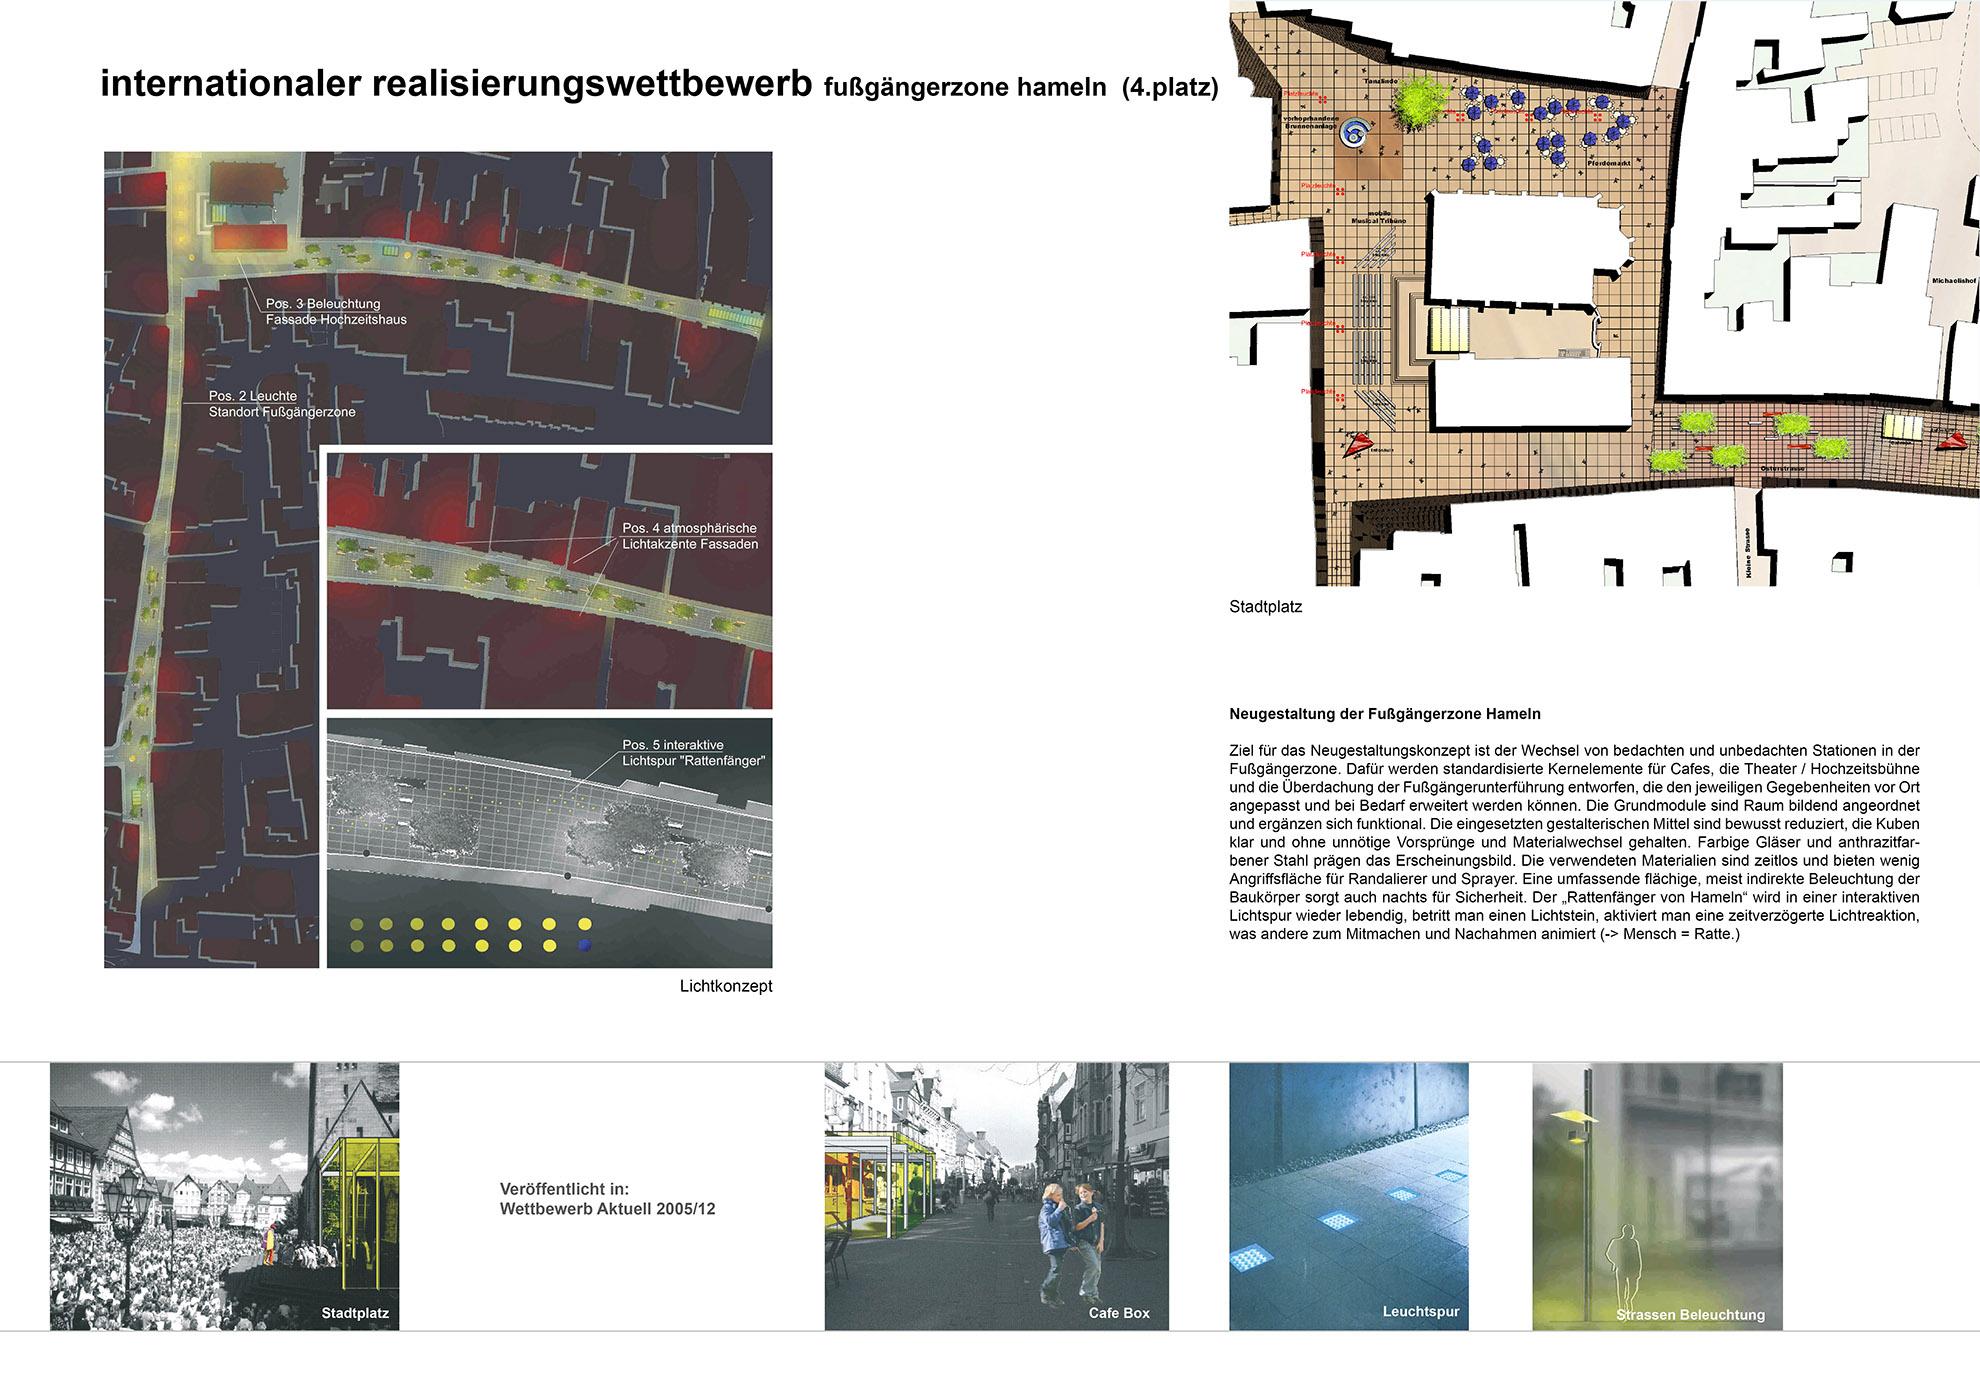 20070215-a3-projektmappe14_1980_neu